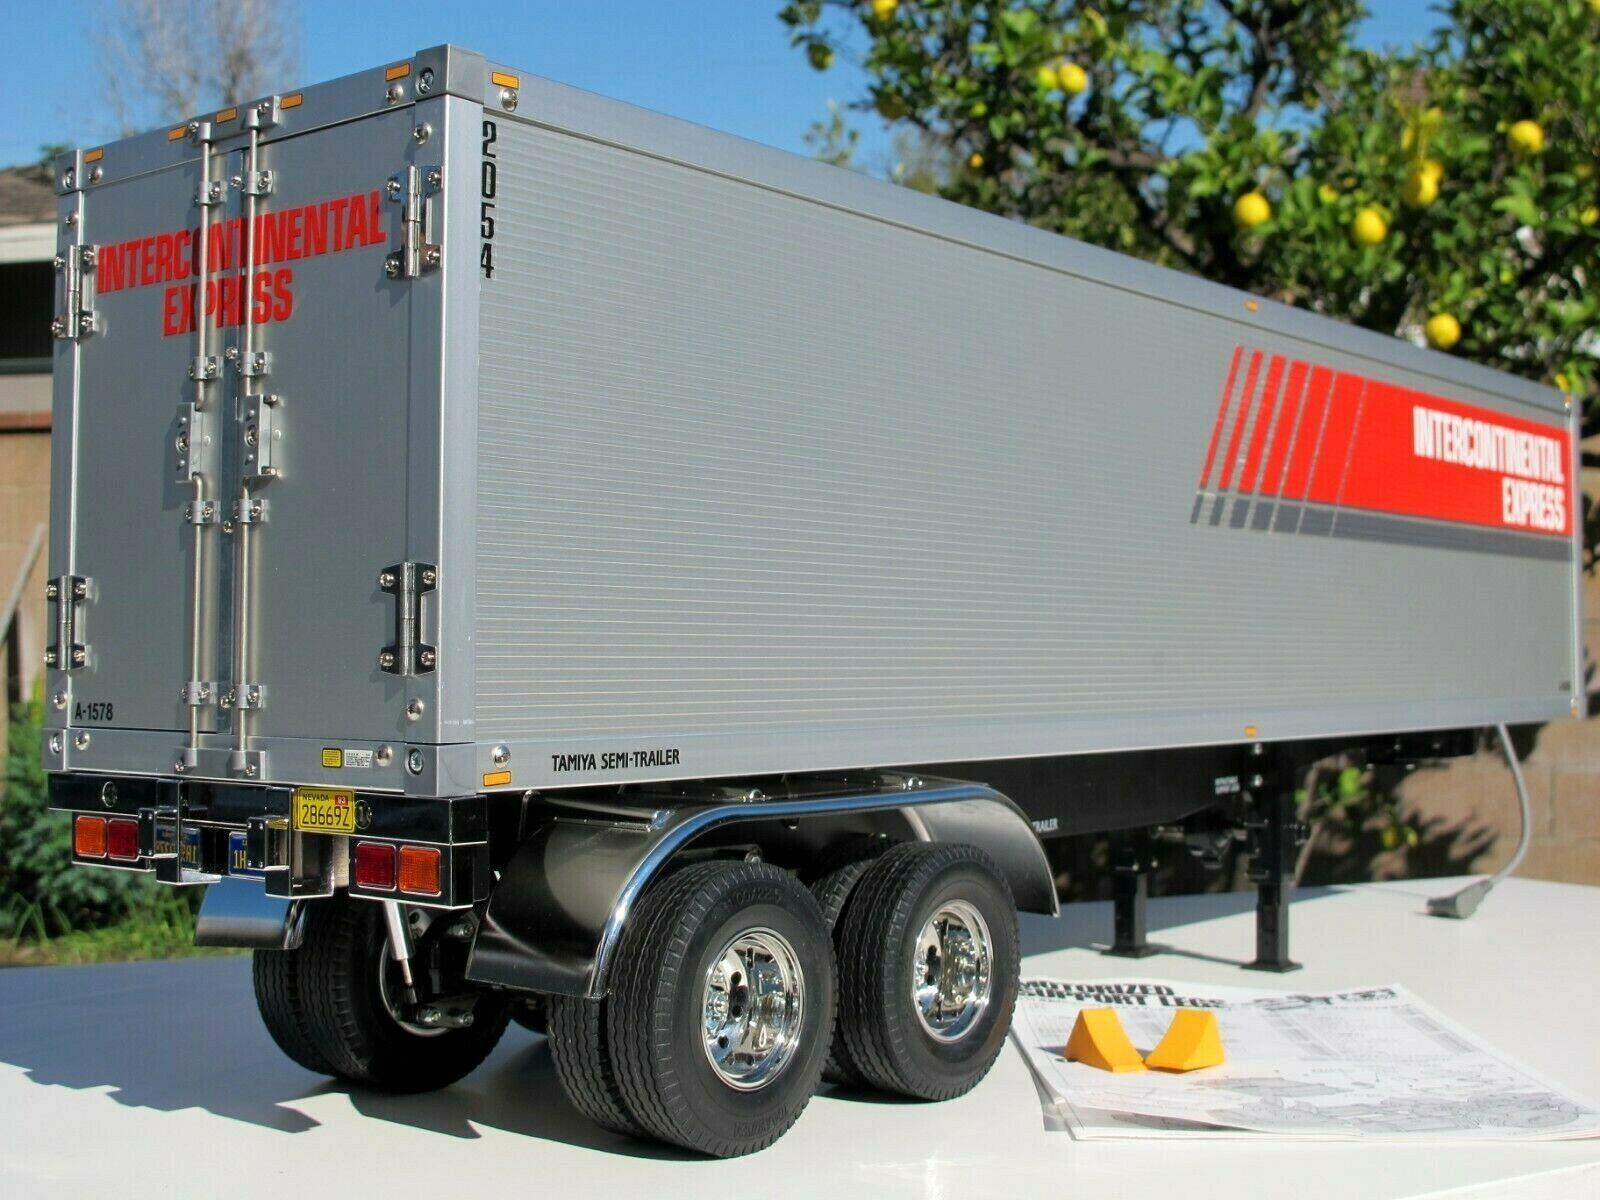 nuova esclusiva di fascia alta Tamiya R C 1 14 Semi Trailer Trailer Trailer Tractor Container +Motorize Support Leg + Light Kit  punto vendita